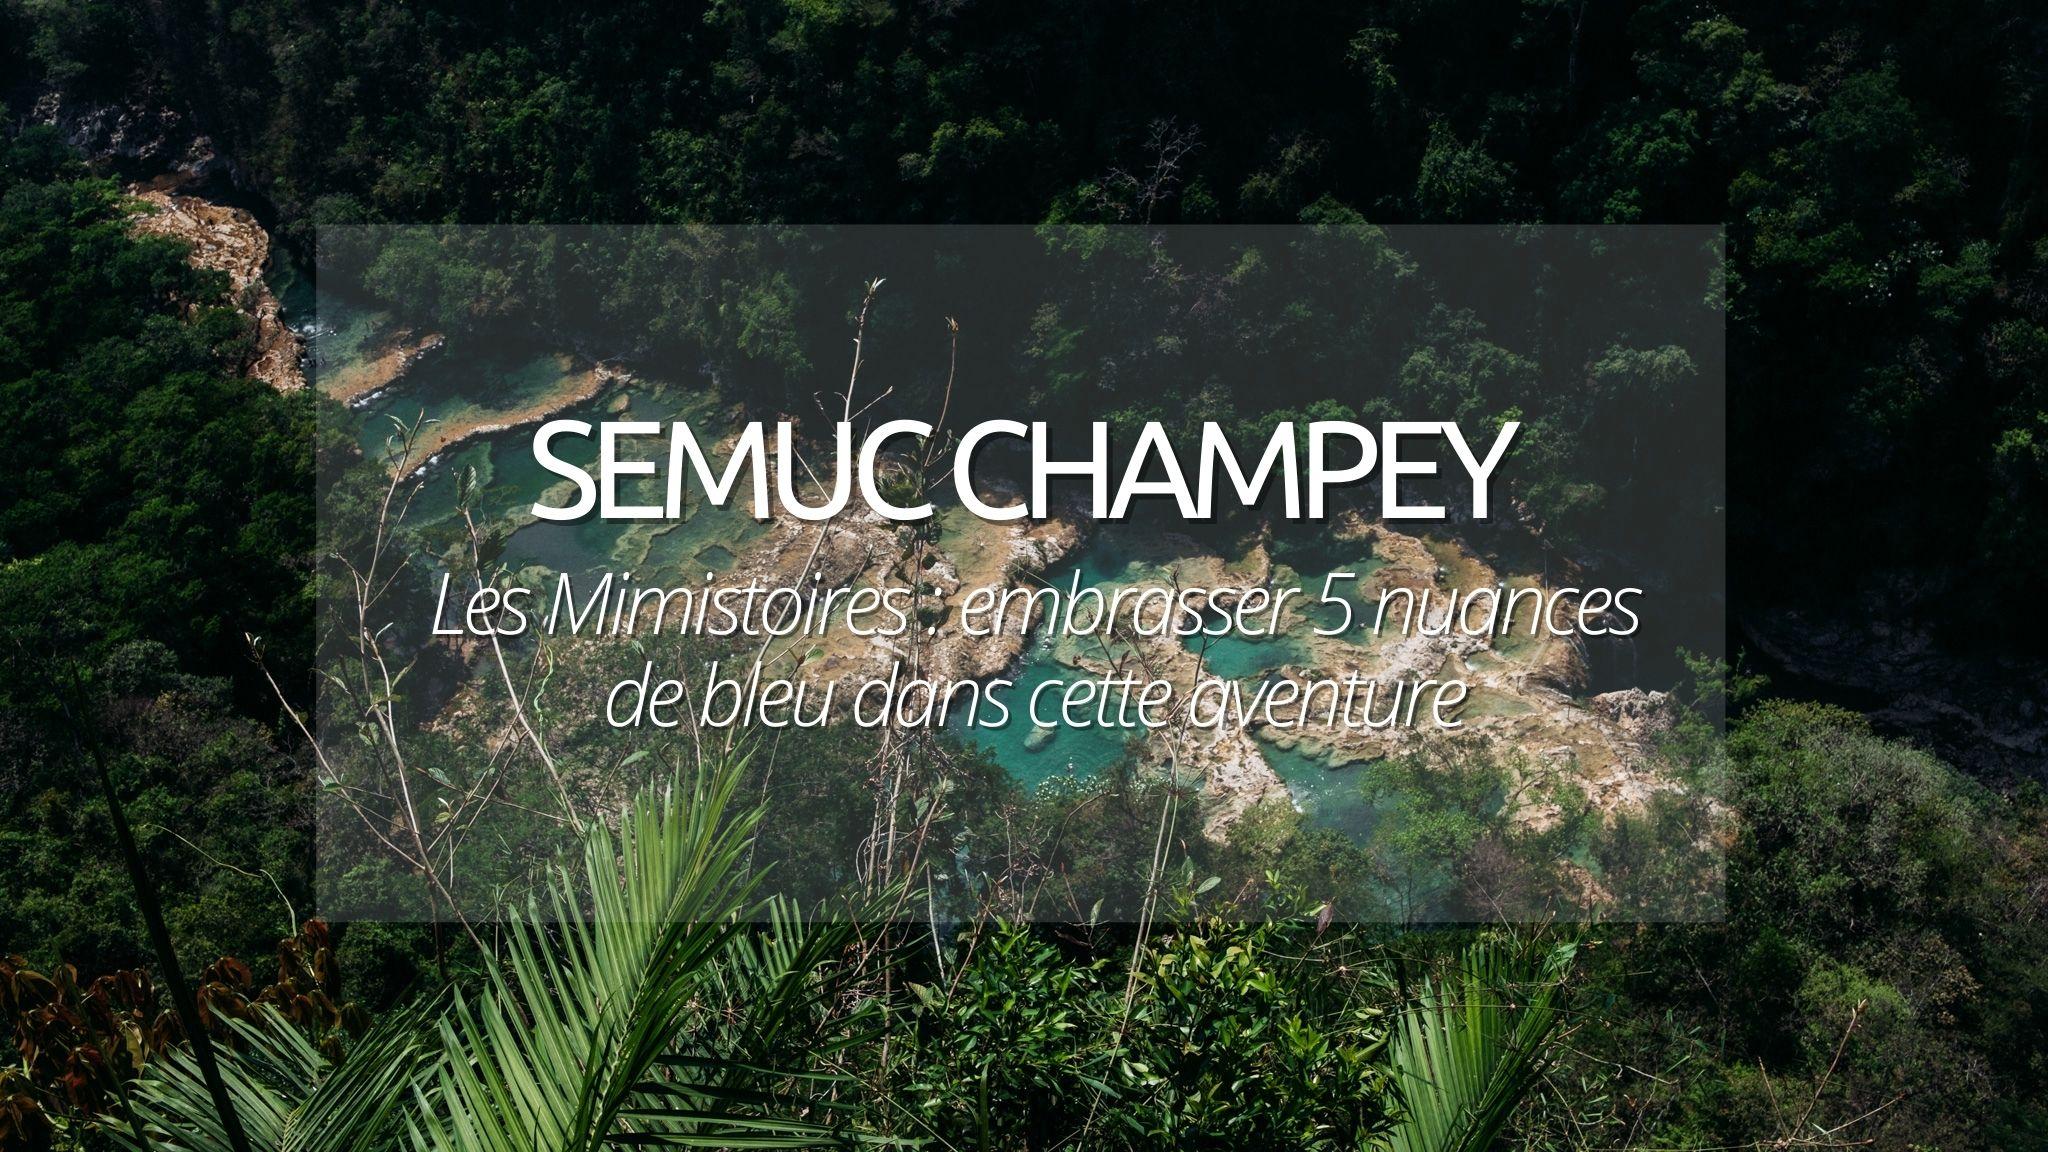 Les Mimistoires : Embrasser 5 nuances de bleu pour visiter Semuc Champey